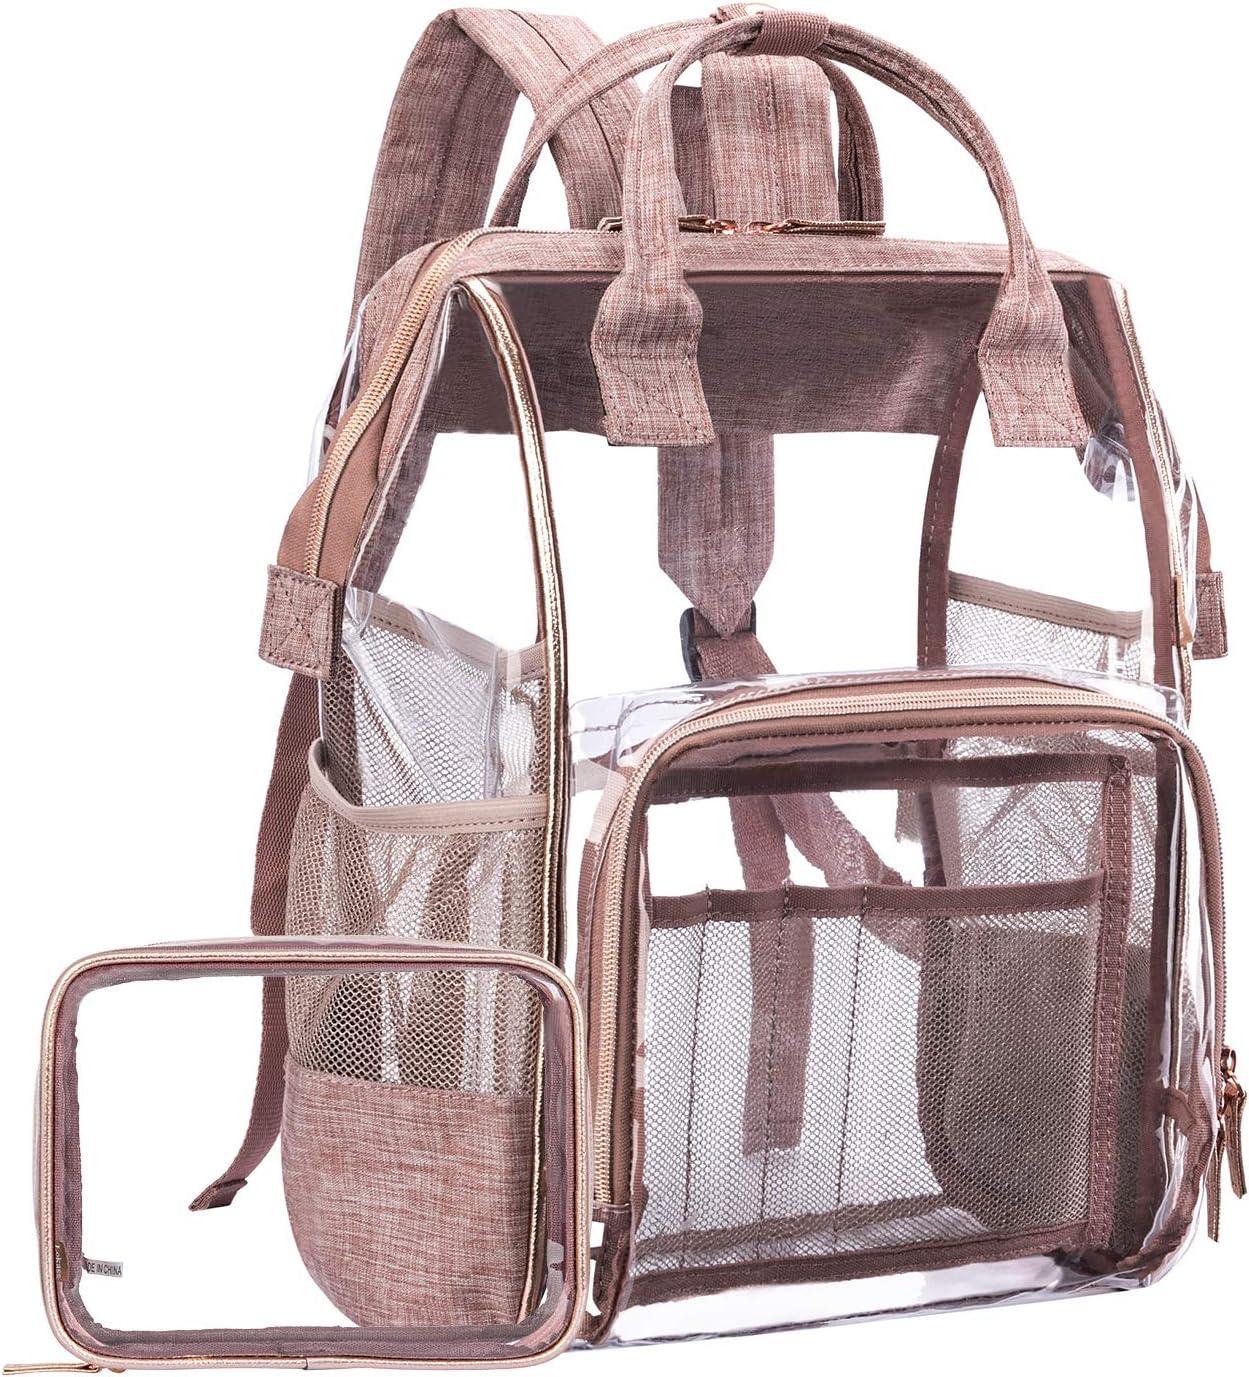 LOKASS Large Clear Backpack Transparent Multi-pockets Backpacks Outdoor Backpack Fit 15.6 Inch Laptop Safety Travel Rucksack with Rose Gold Trim-Adjustable Straps Mesh Side Rose Gold